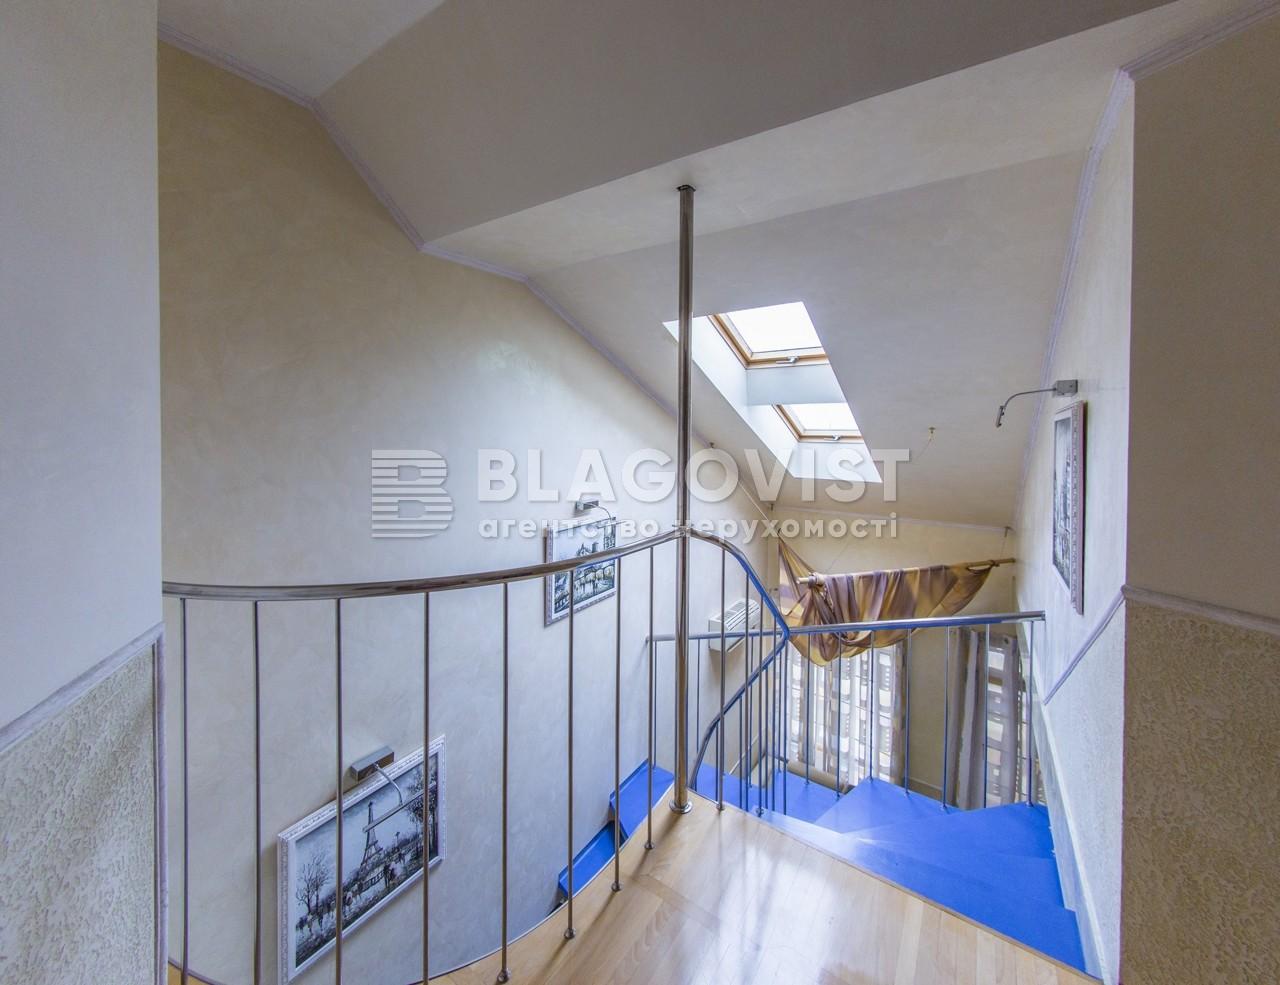 Квартира E-39961, Богомольца Академика, 7/14, Киев - Фото 27